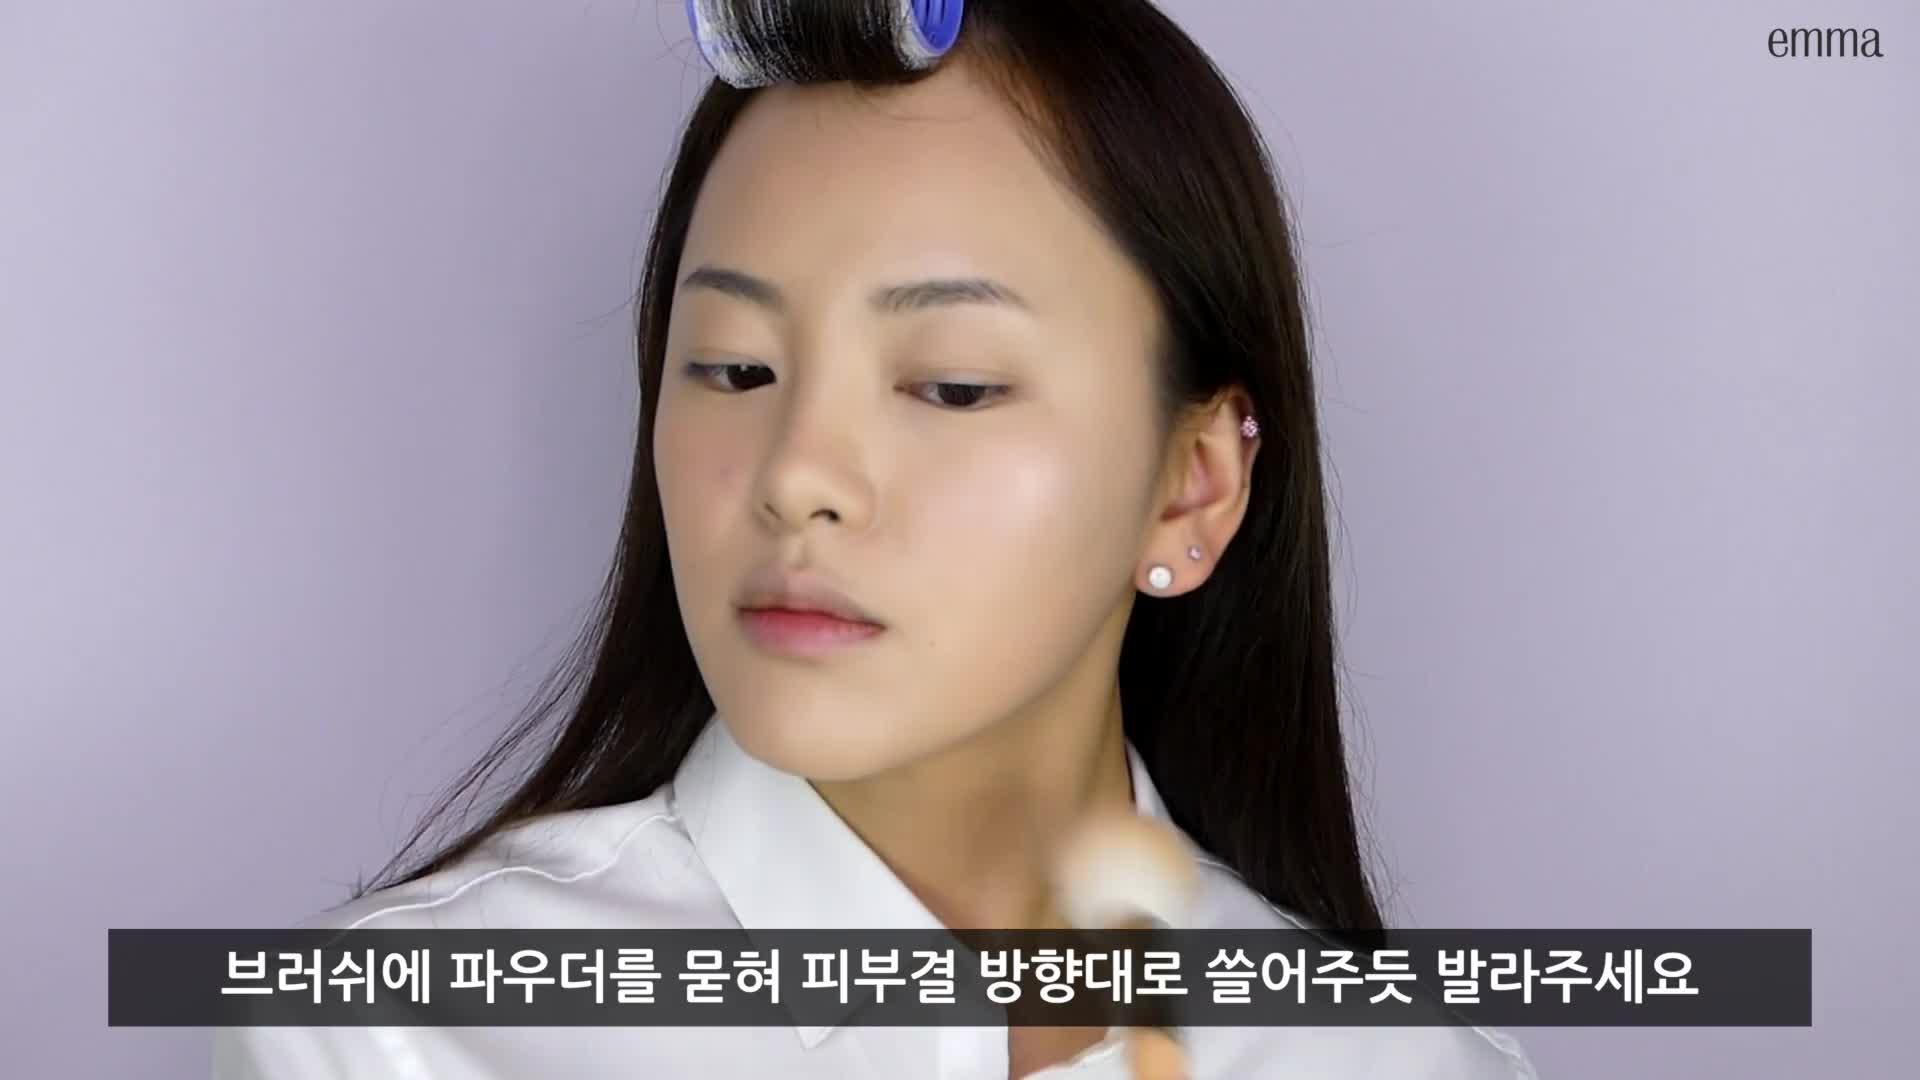 [1분팁] 여배우처럼 자연스럽게 광나는 피부표현하는 방법